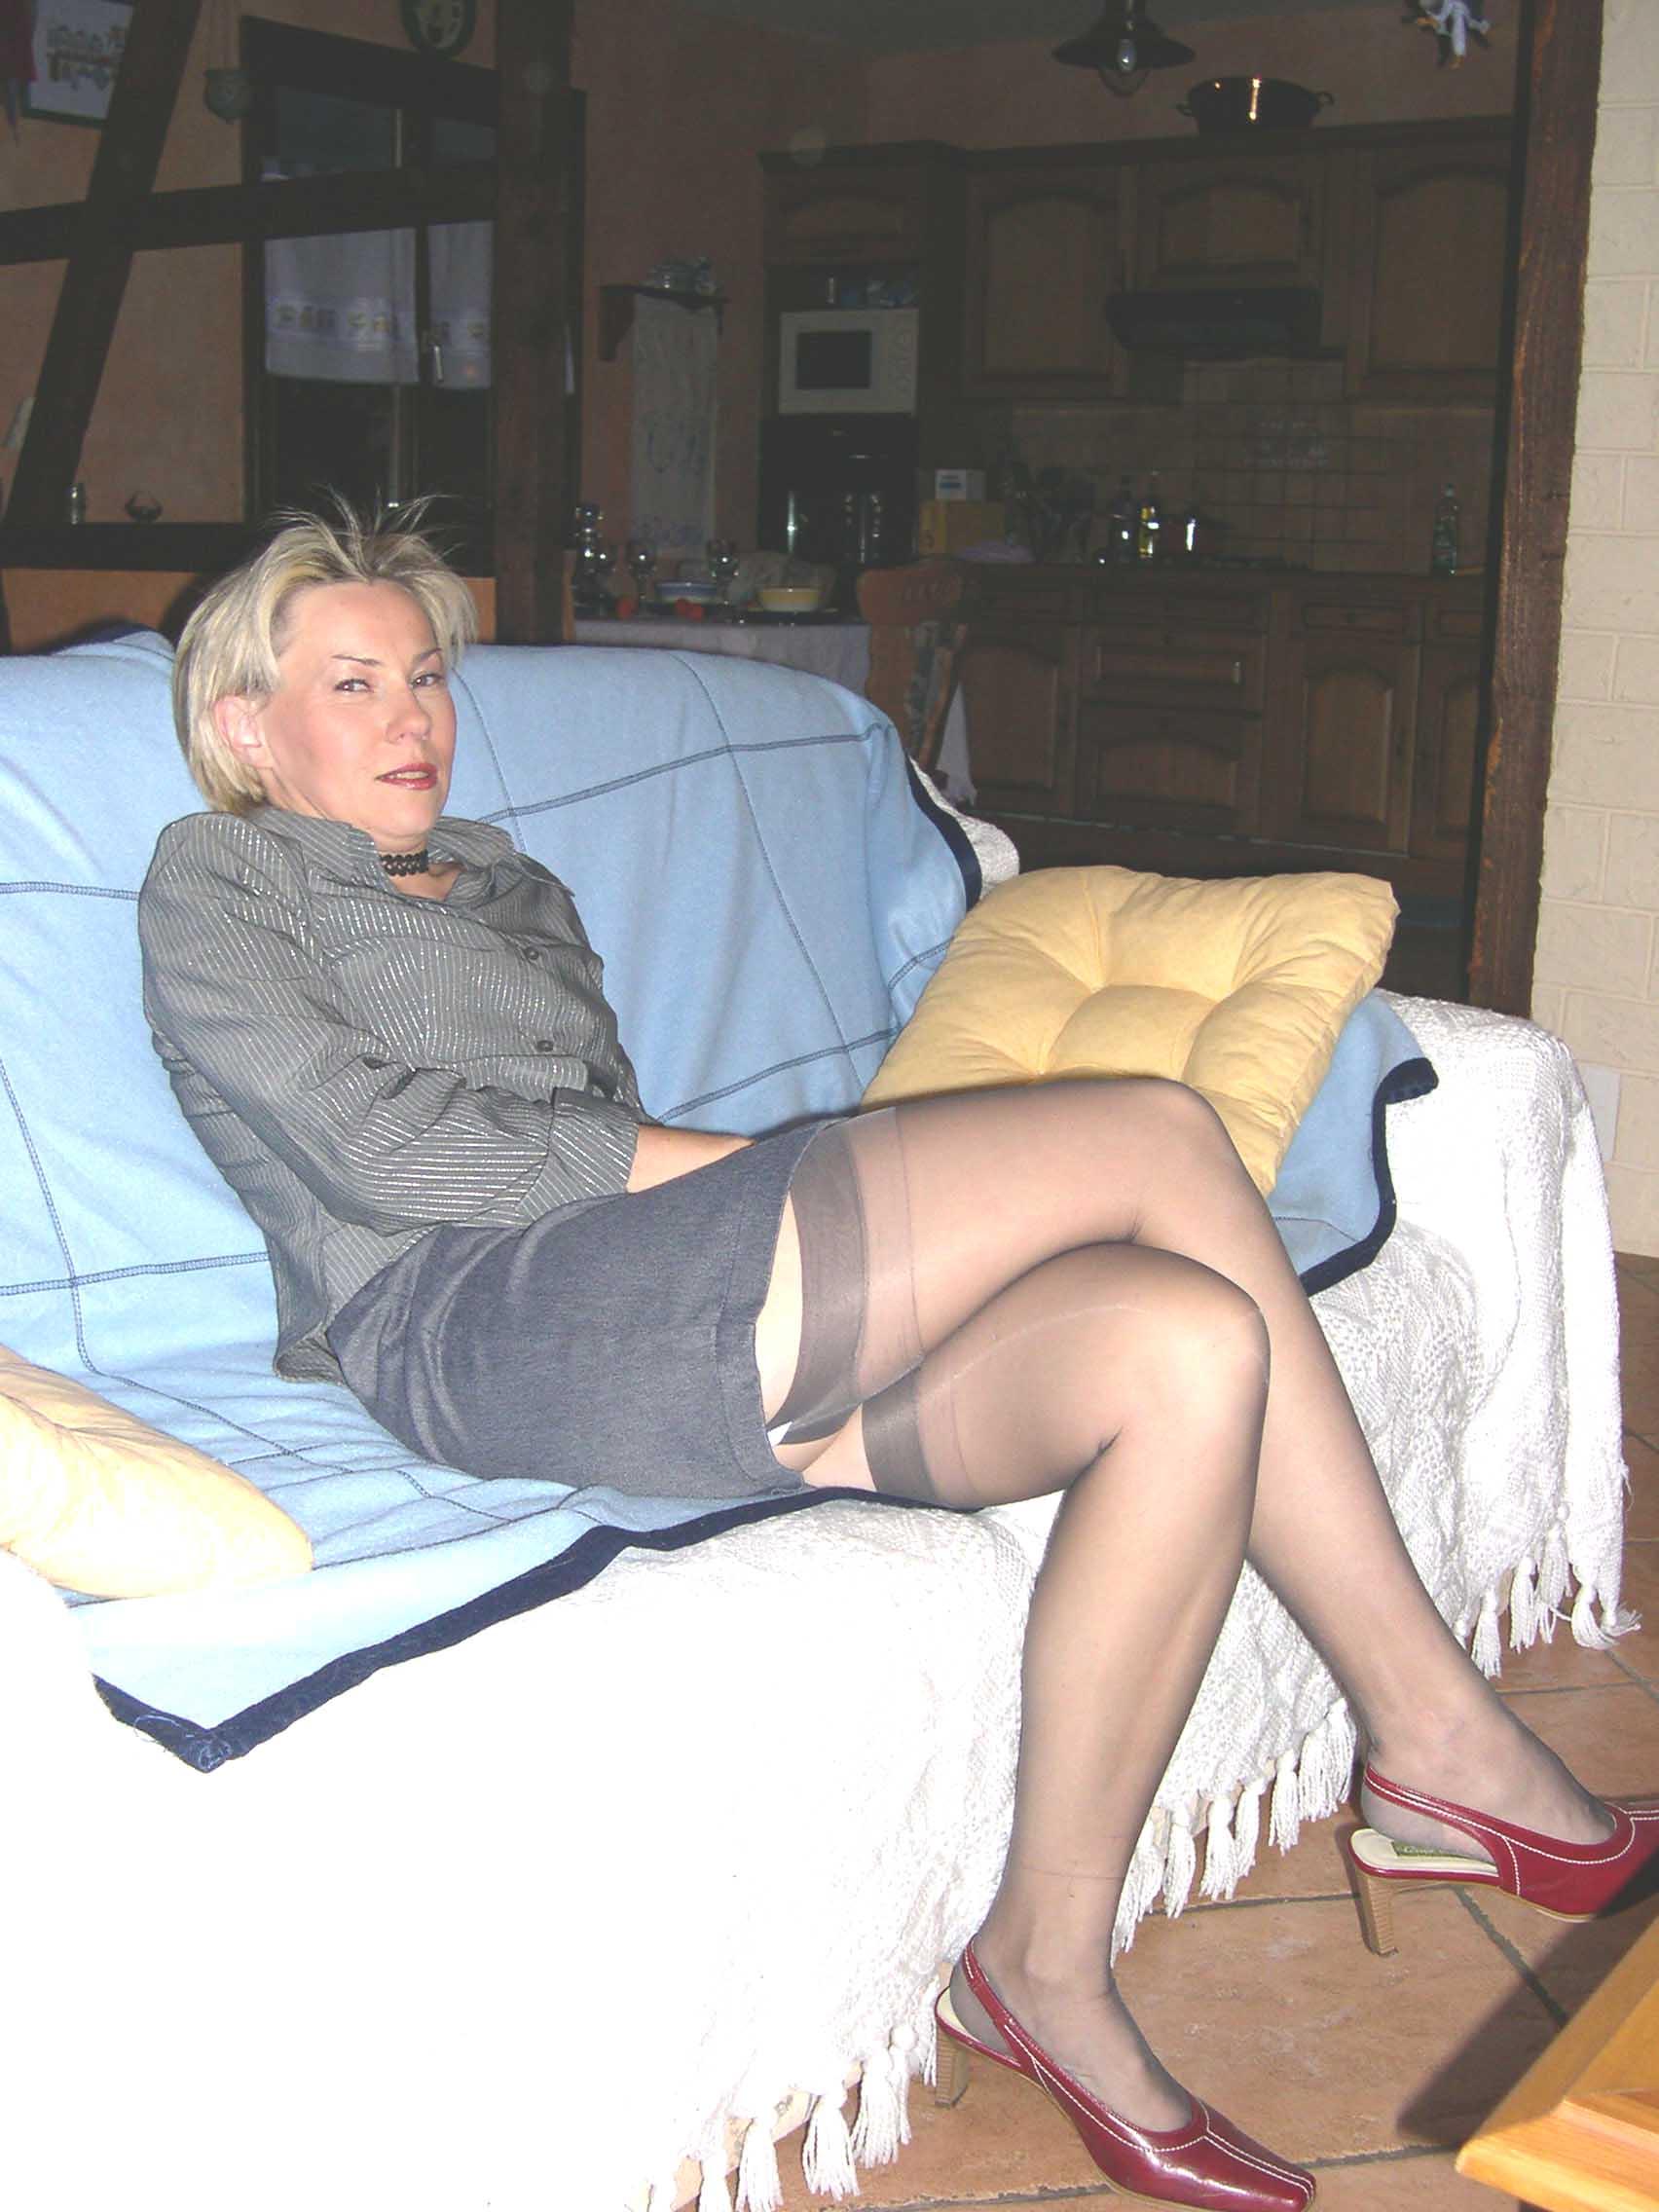 pimpandhost.com a-01 $ imagesize:1704x2272 pimpandhost.com ch-01$ imagesize:1704x2272[[[[